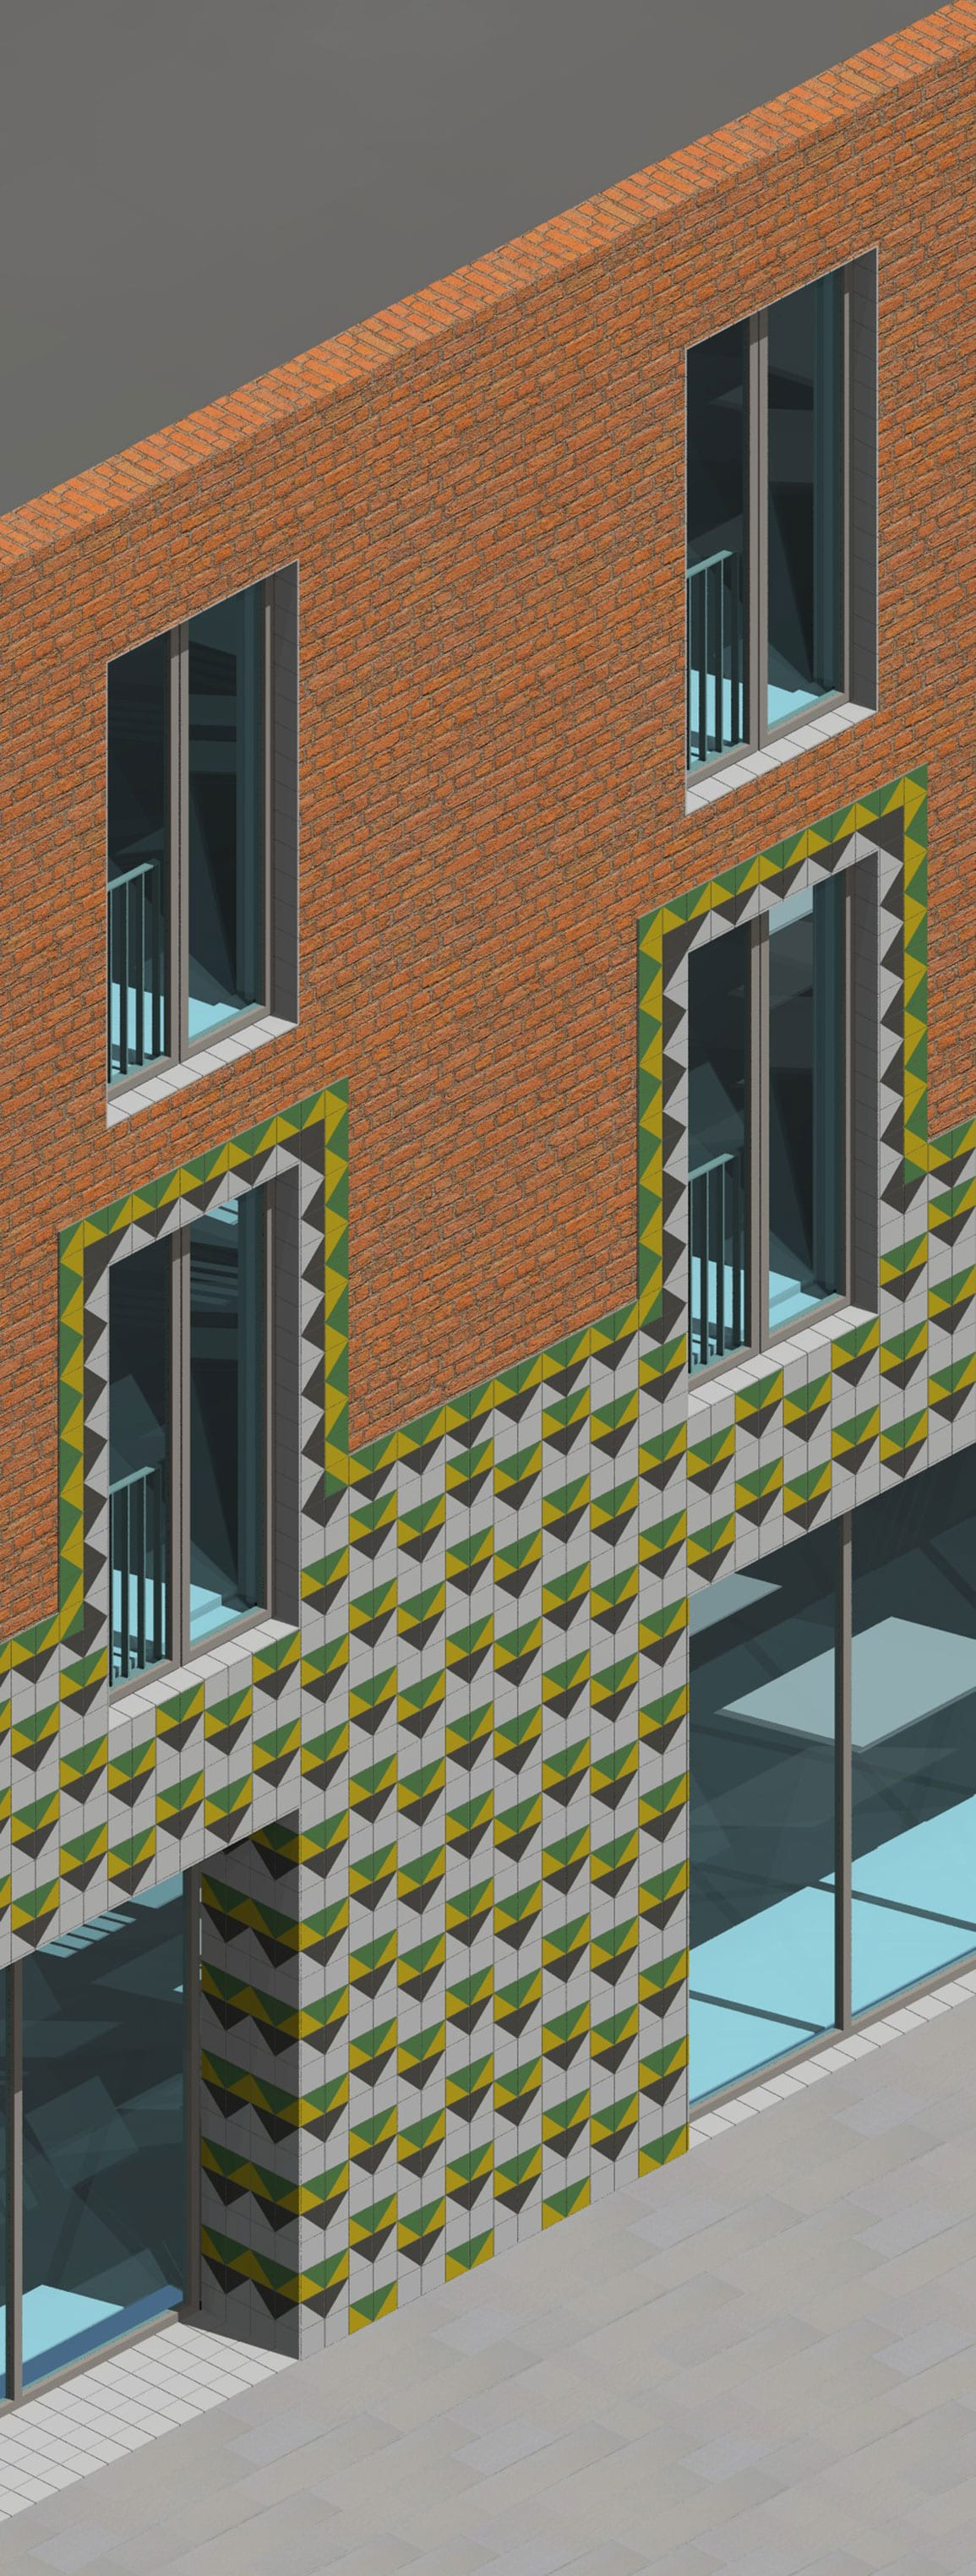 SAFE Tiled Facade Detail